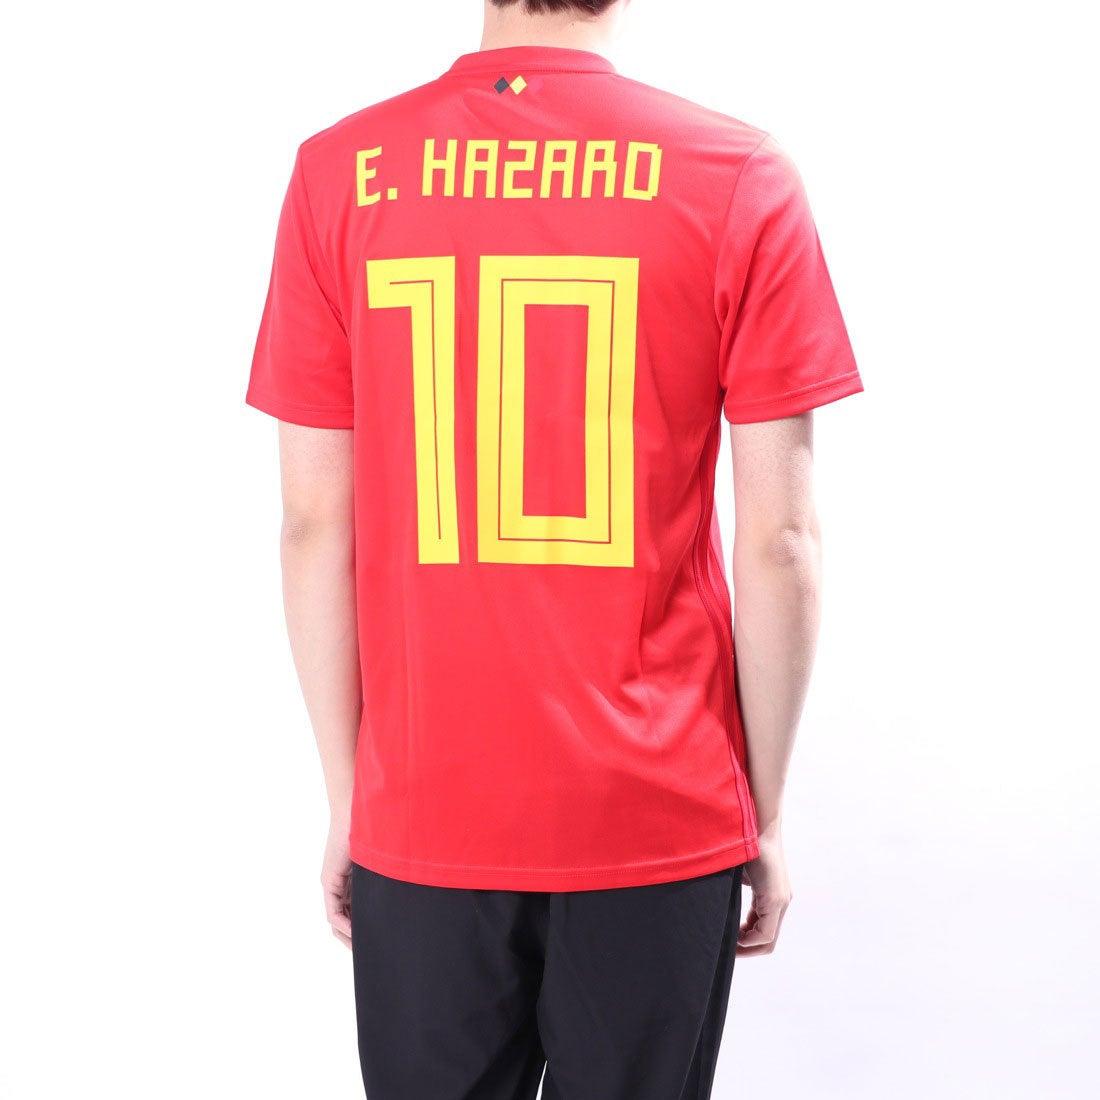 ee47e02a75c15a このアイテムを見ている人におすすめ. アディダス adidas メンズ サッカー/フットサル ライセンスシャツ スペイン代表 ホームレプリカユニフォーム(シルバ)  CX5355